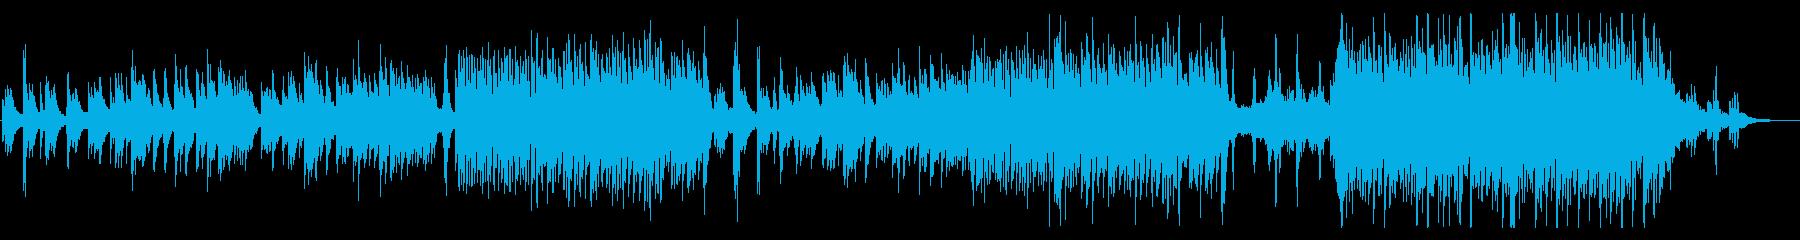 癒し系和風BGMの再生済みの波形